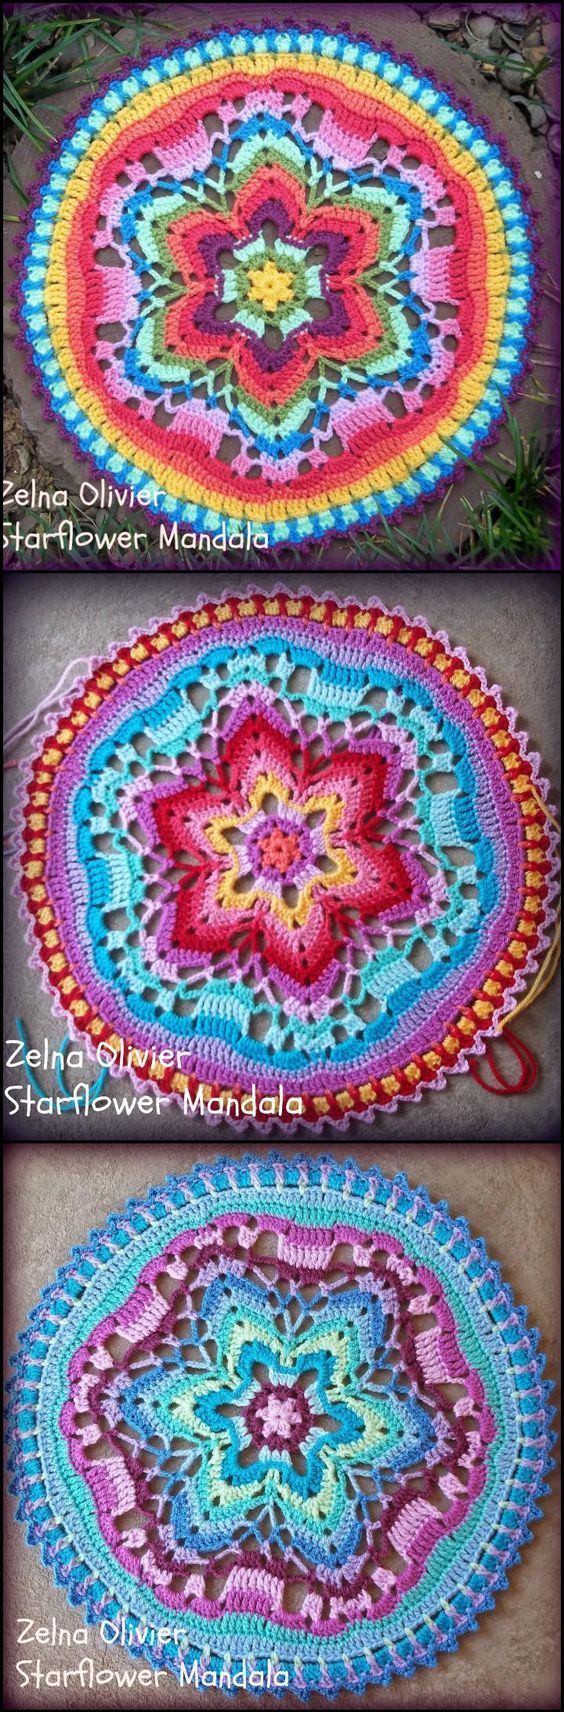 60+ Free Crochet Mandala Patterns - Page 2 of 12 | Mandalas ...